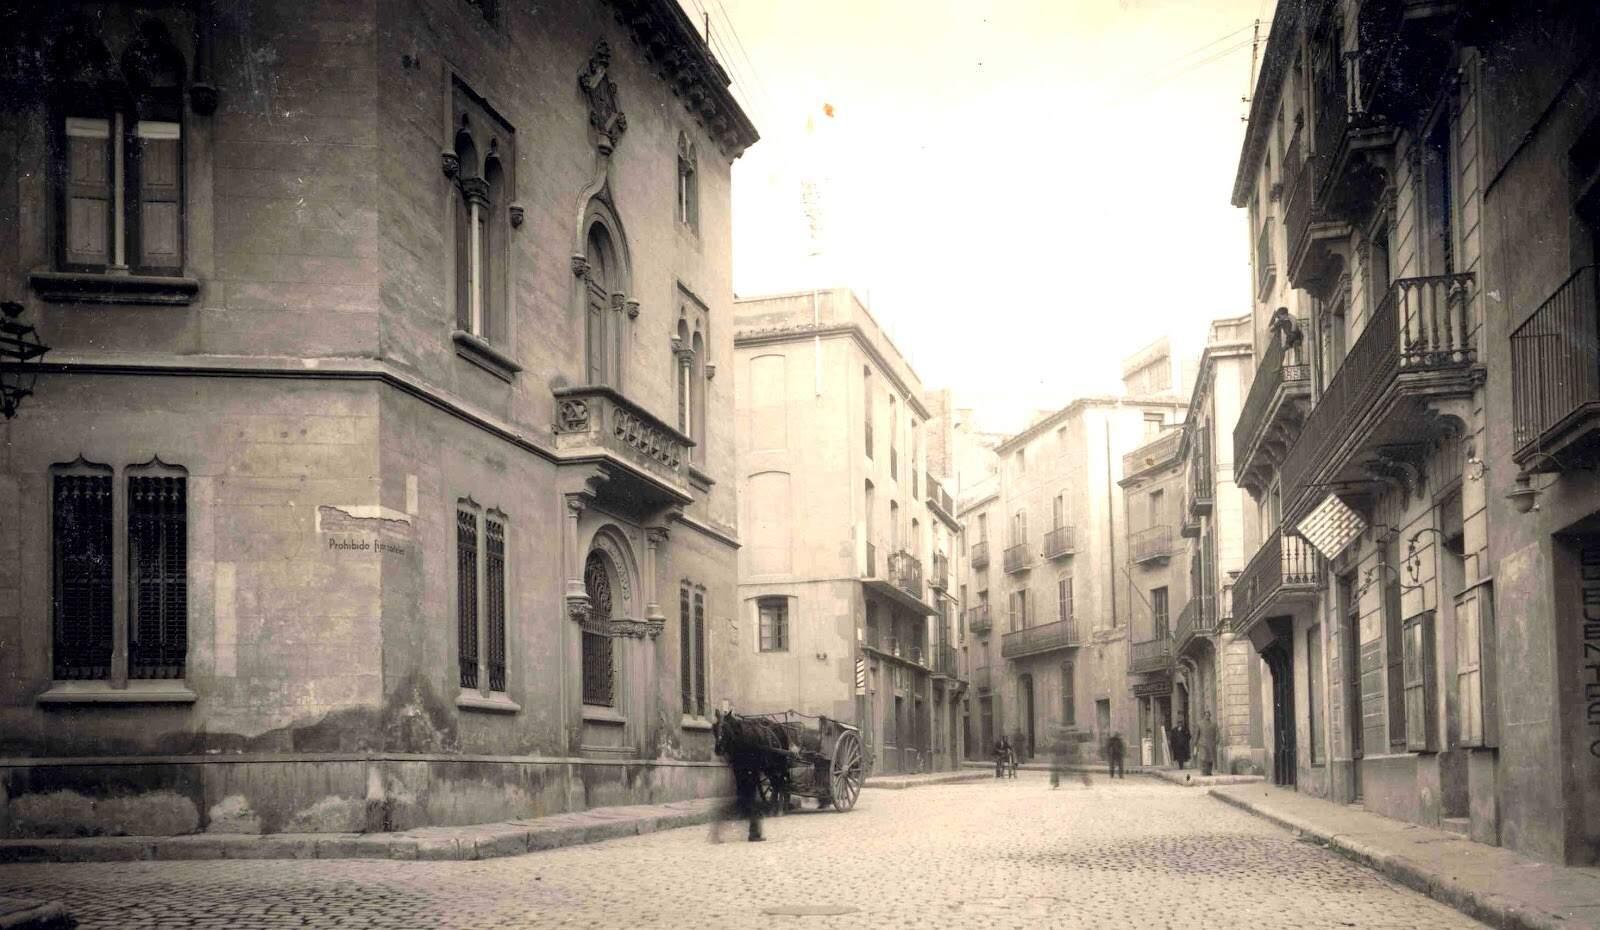 La Rutlla amb Portal Nou. A l'esquerra, l'antiga seu de Caixa de Terrassa, l'any 1935